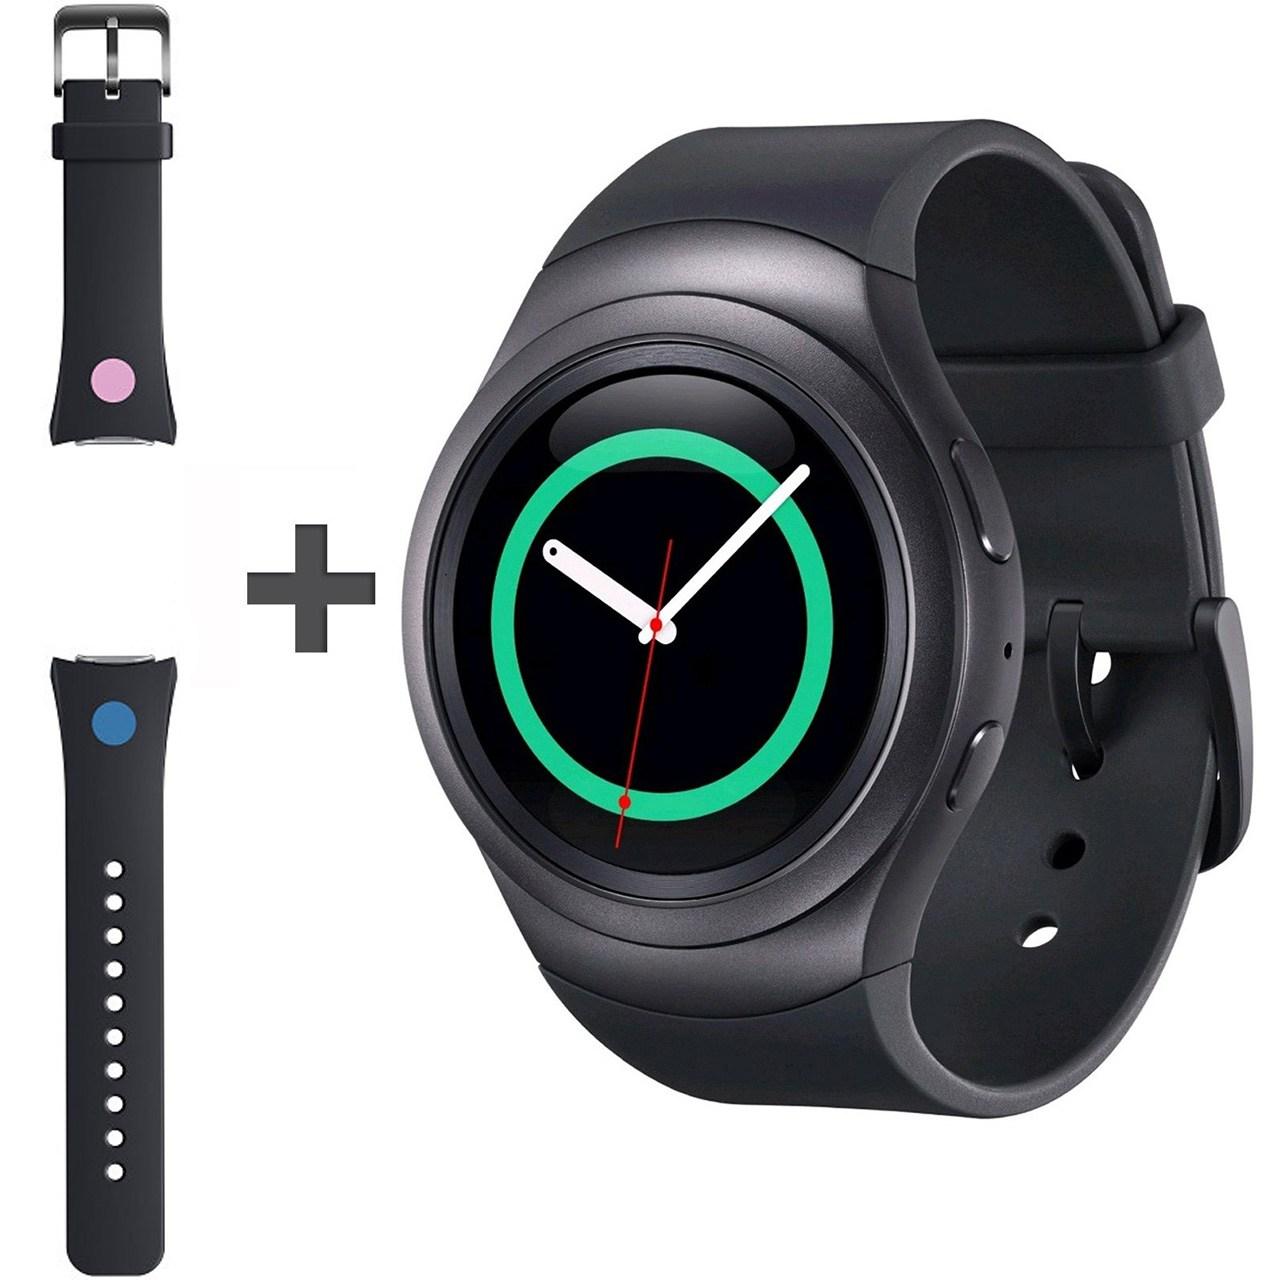 ساعت هوشمند سامسونگ مدل Gear S2 SM-R720 Dark Gray به همراه بند لاستیکی اضافه